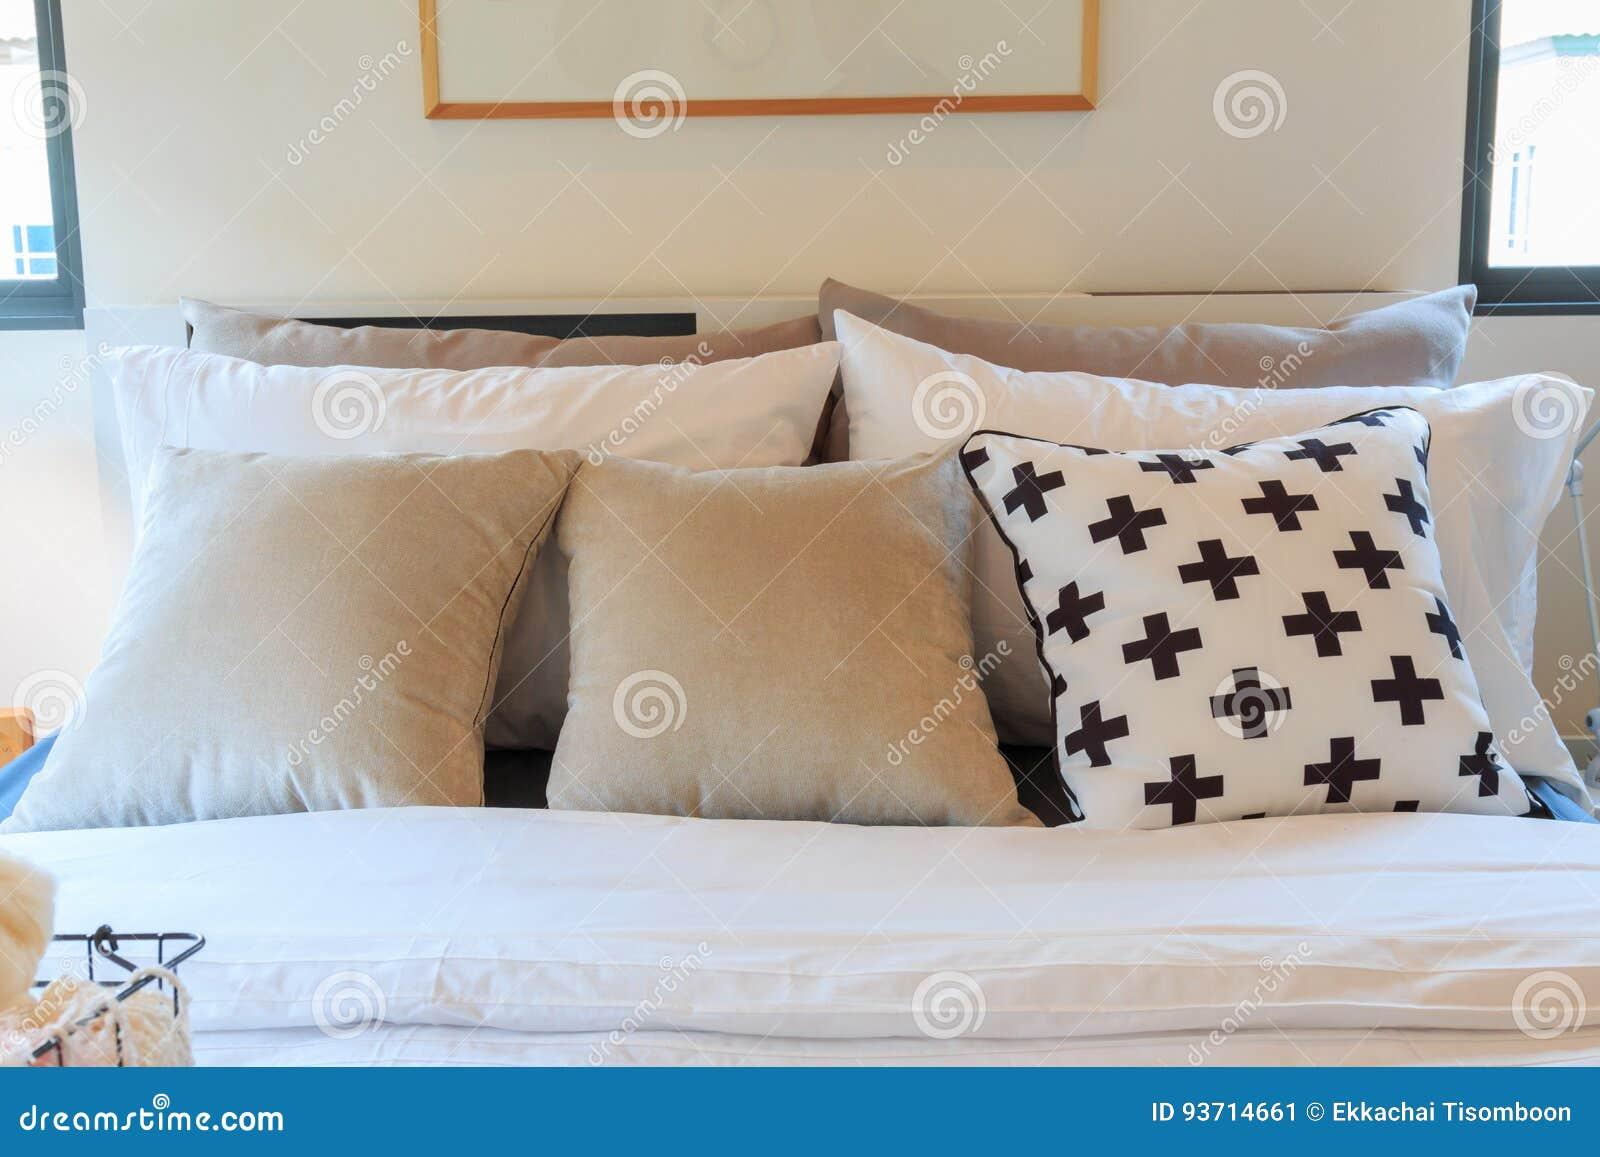 Viele Kissen Auf Dem Bett Haben Einen Bilderrahmen Stockbild - Bild ...